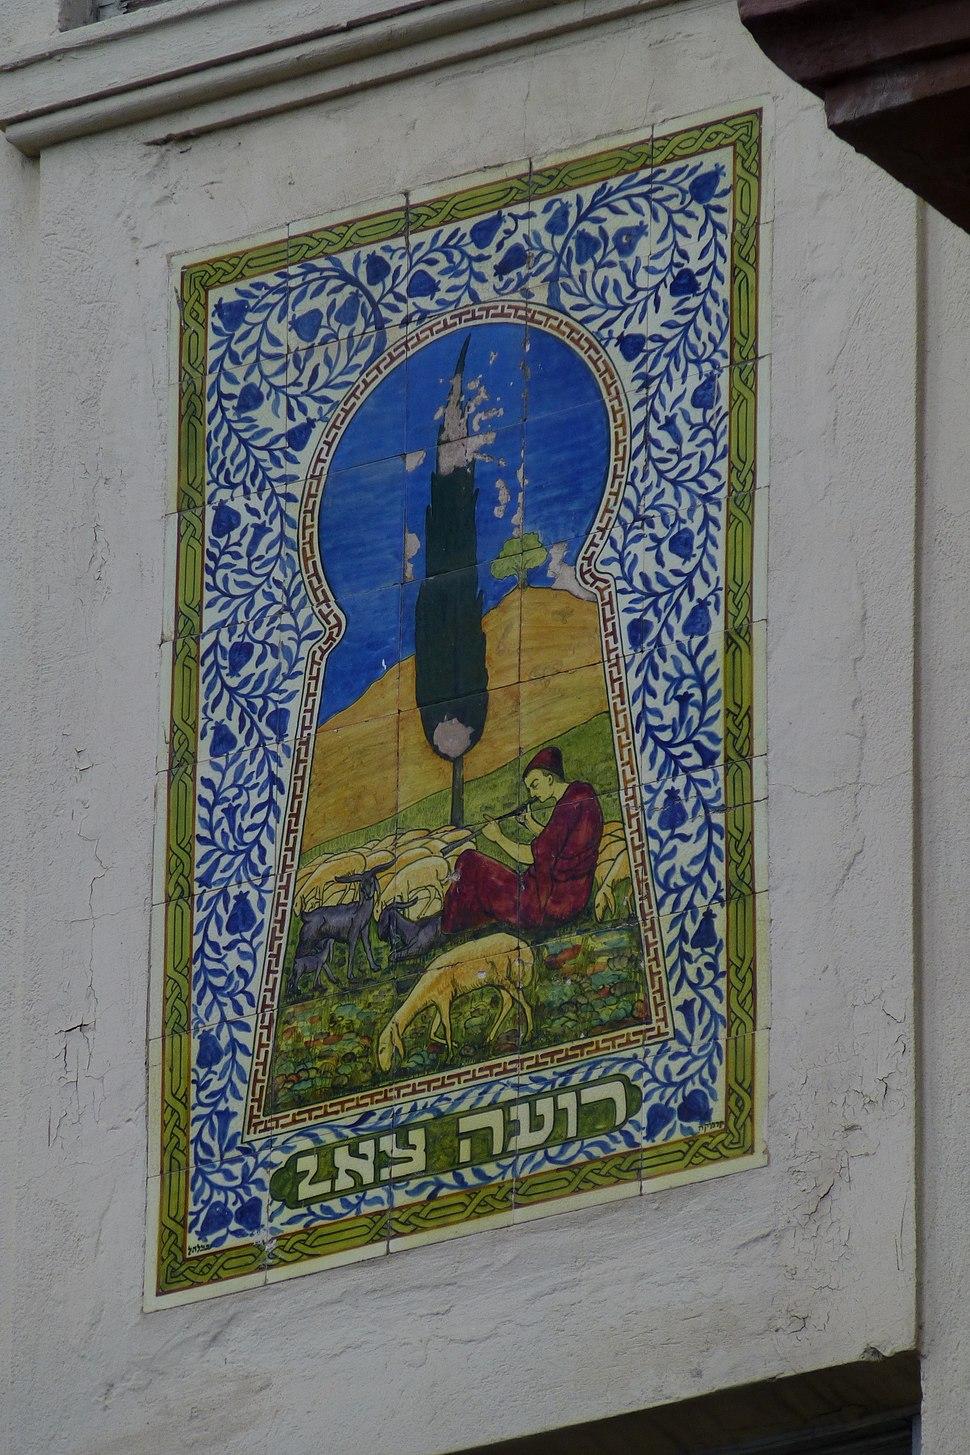 תל אביב הקטנה - בית לדרברג - רוטשילד 29 (14)